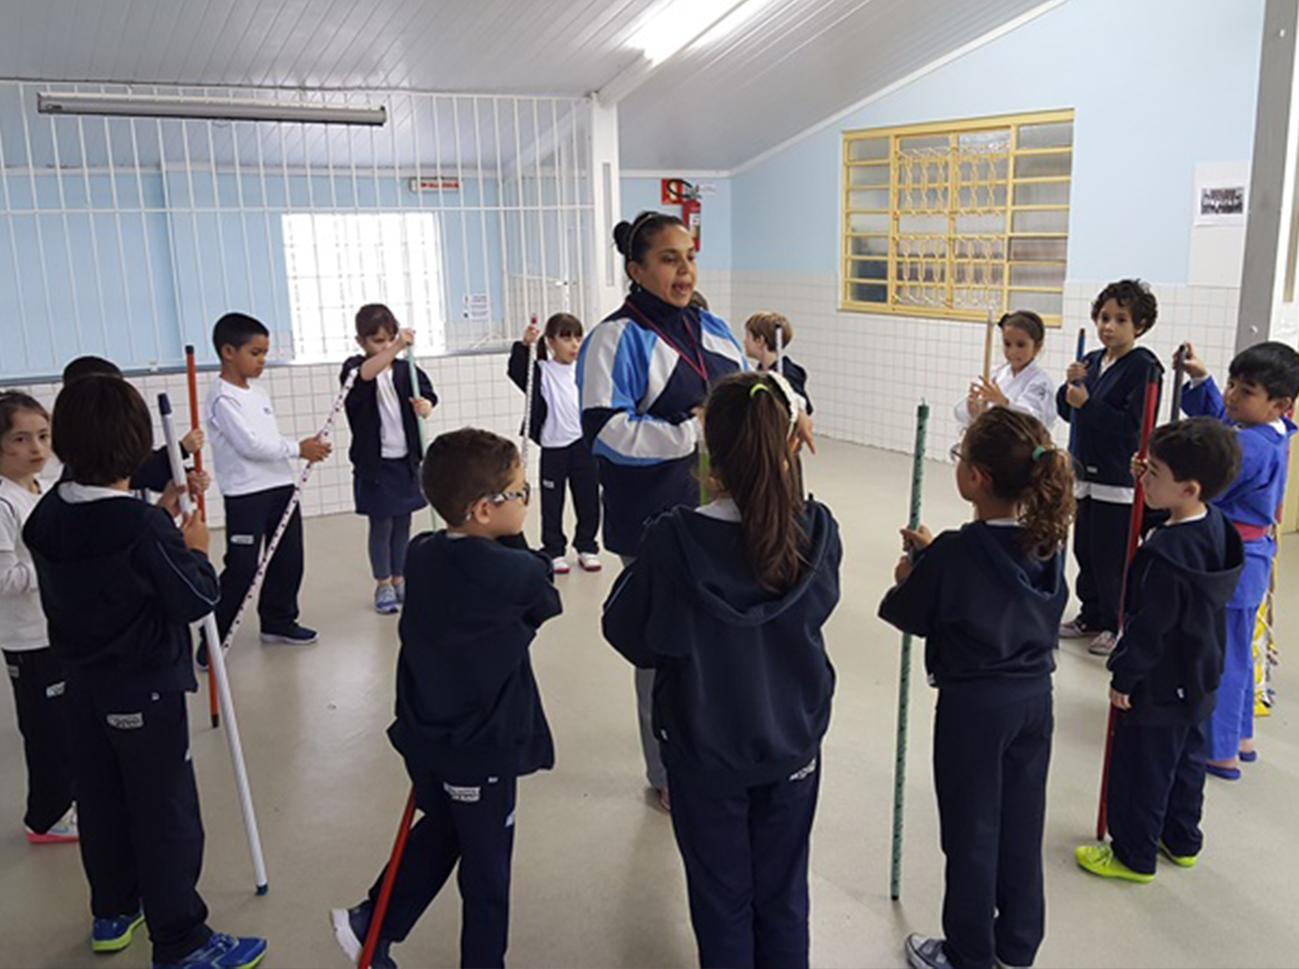 2017.08.10 Educação Física - Jogo da Vassoura